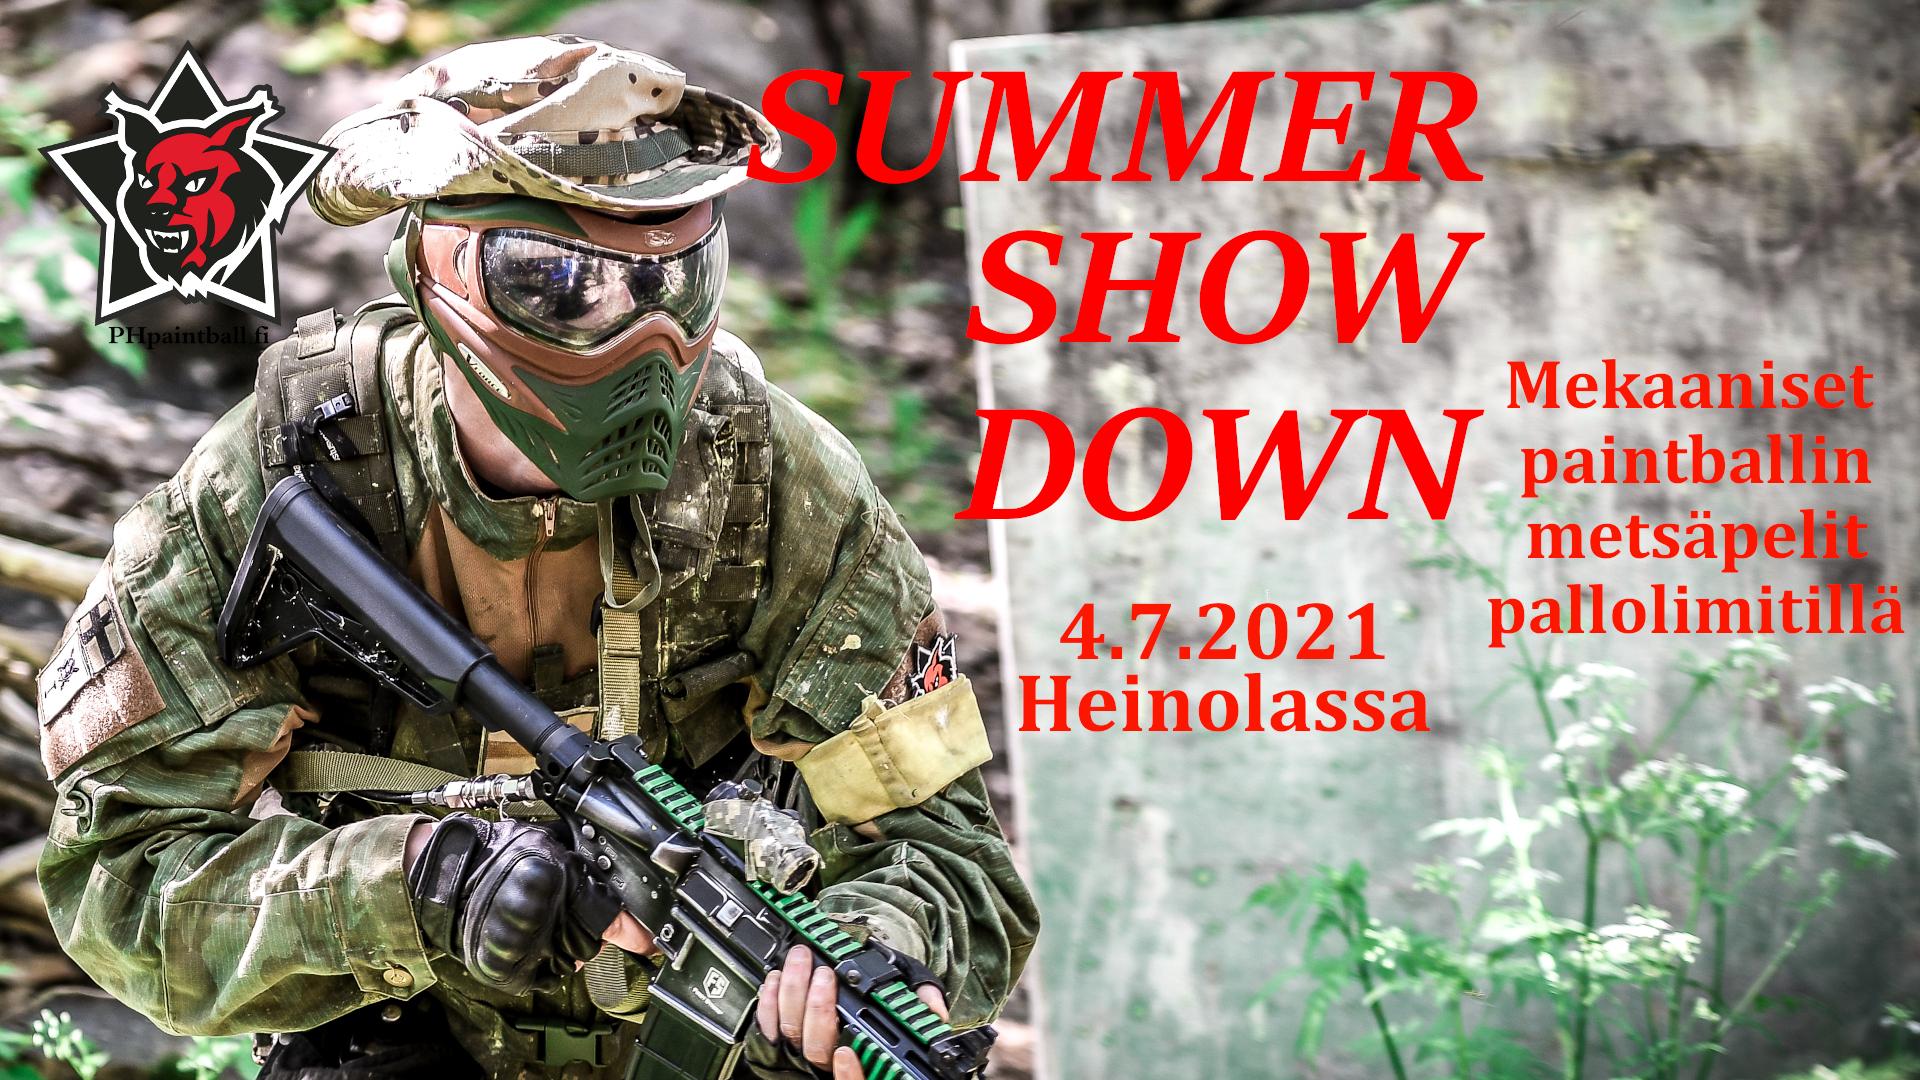 summershowdown2021.jpg